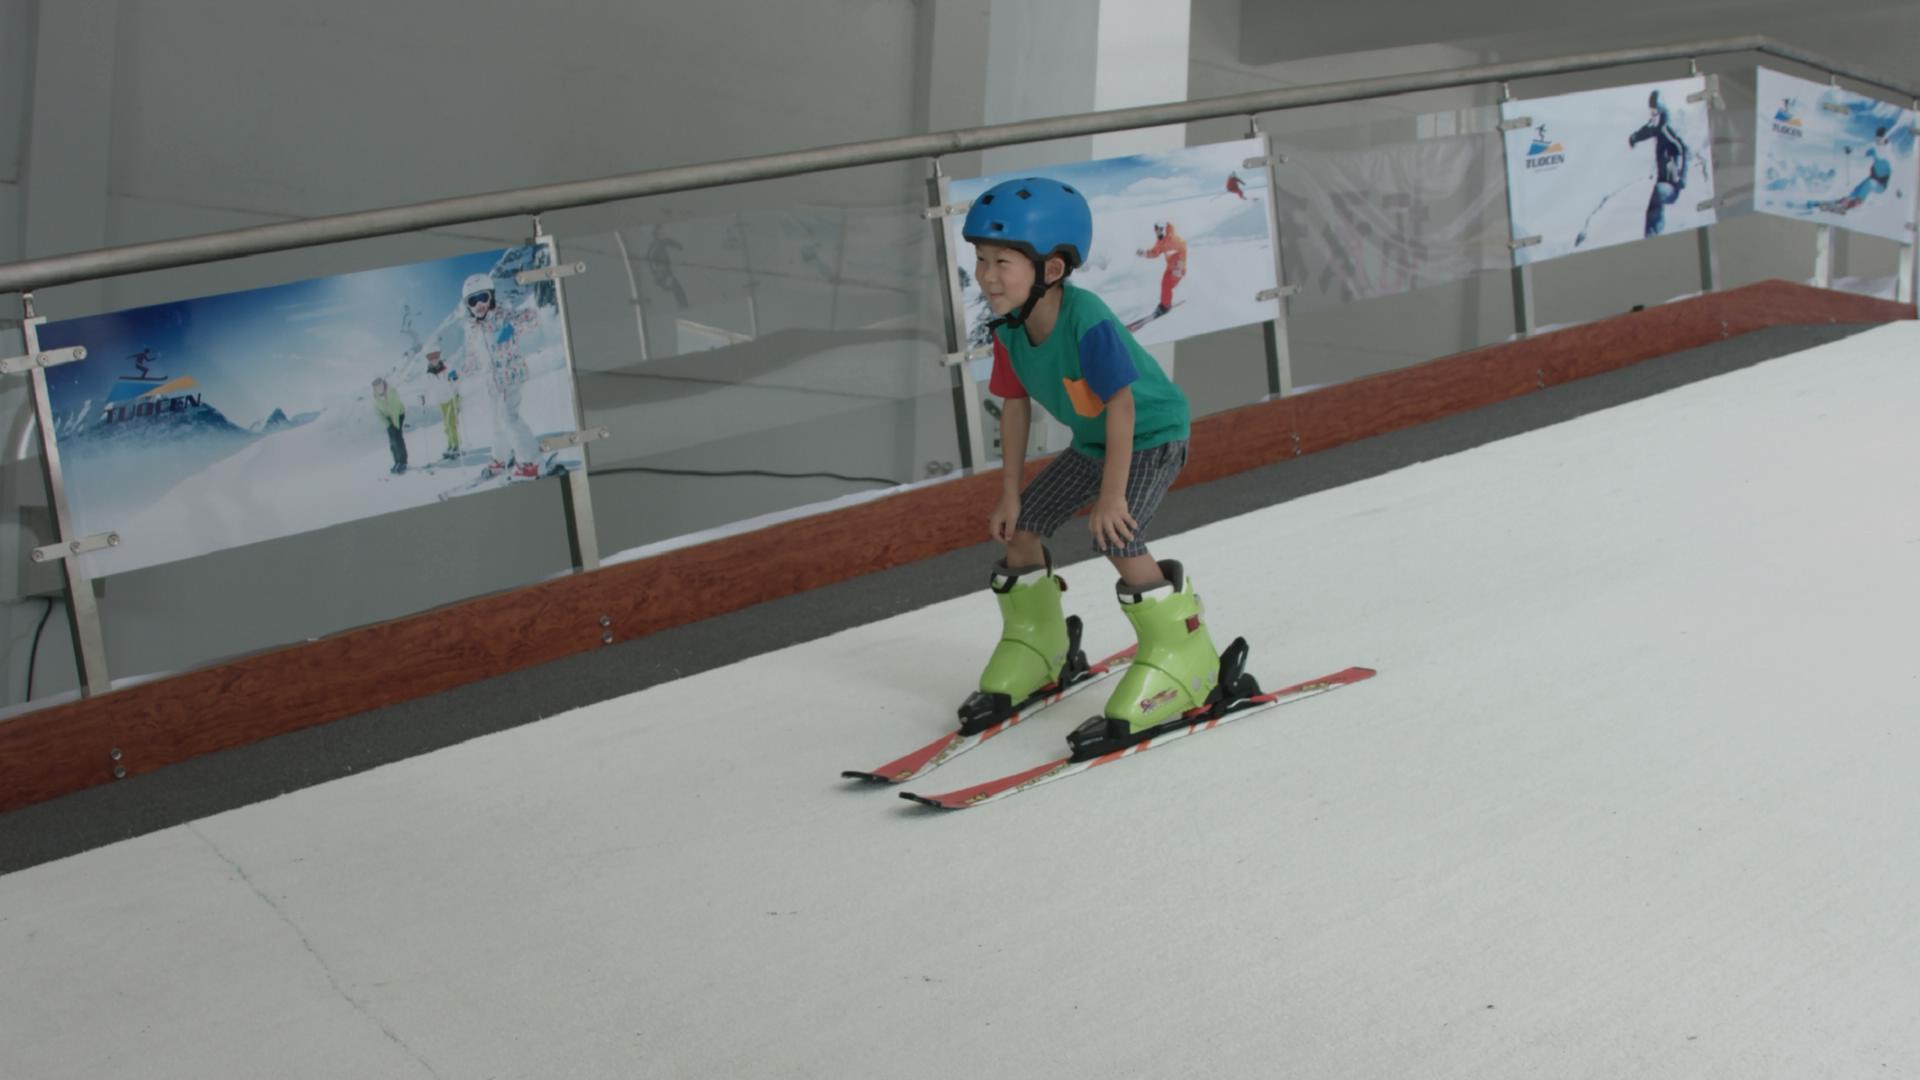 兒童滑雪體驗機 新疆室內滑雪模擬器 兒童滑雪體驗機廠家